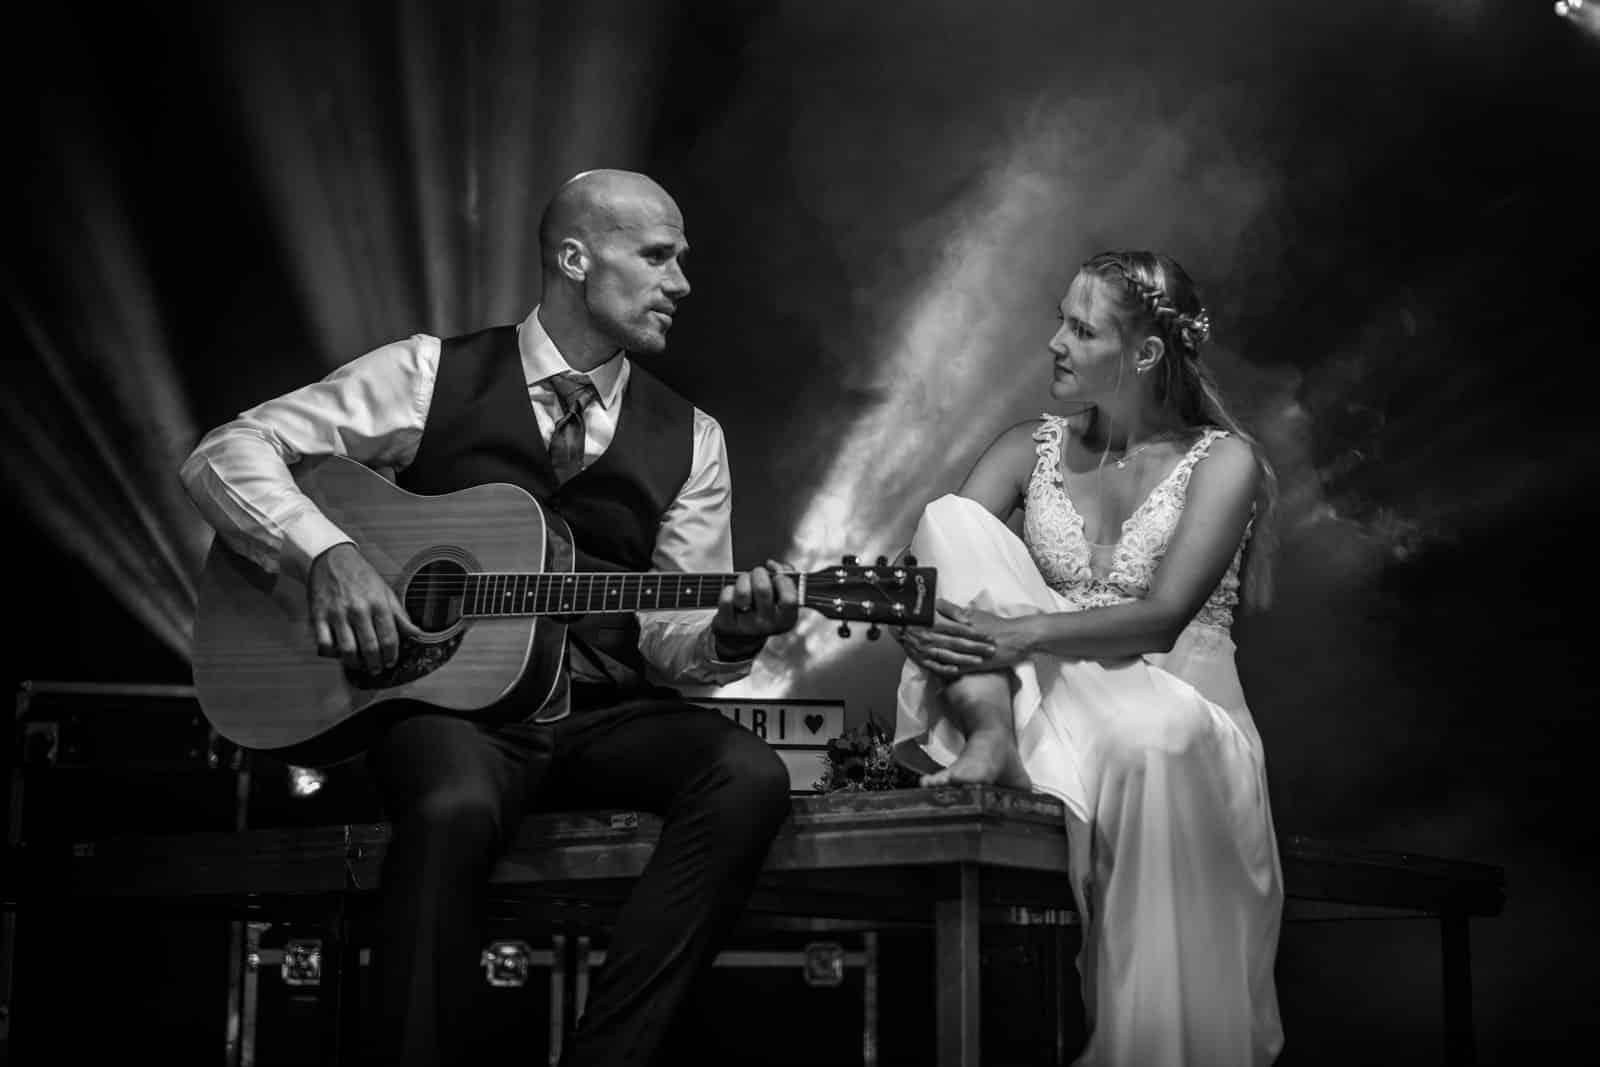 Braut hört ihrem Bräutigam zu während er ein Lied auf einer Gitarre zu ihr spielt.